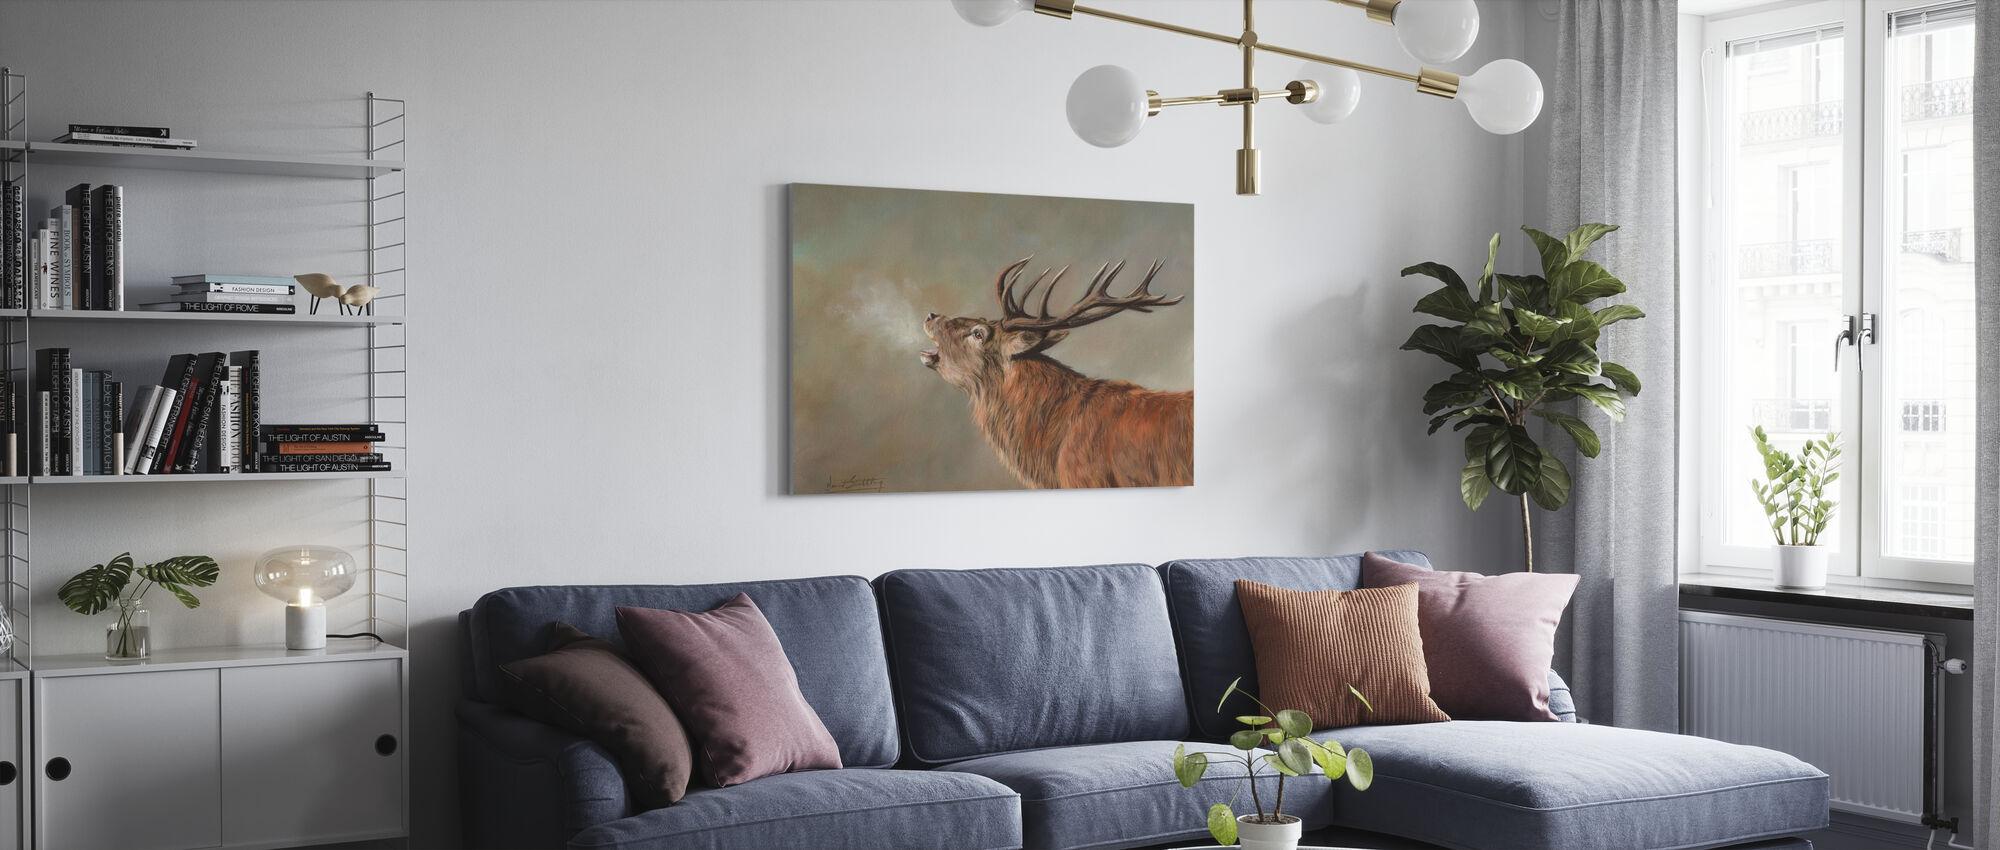 Röda hjortar Stag - Canvastavla - Vardagsrum